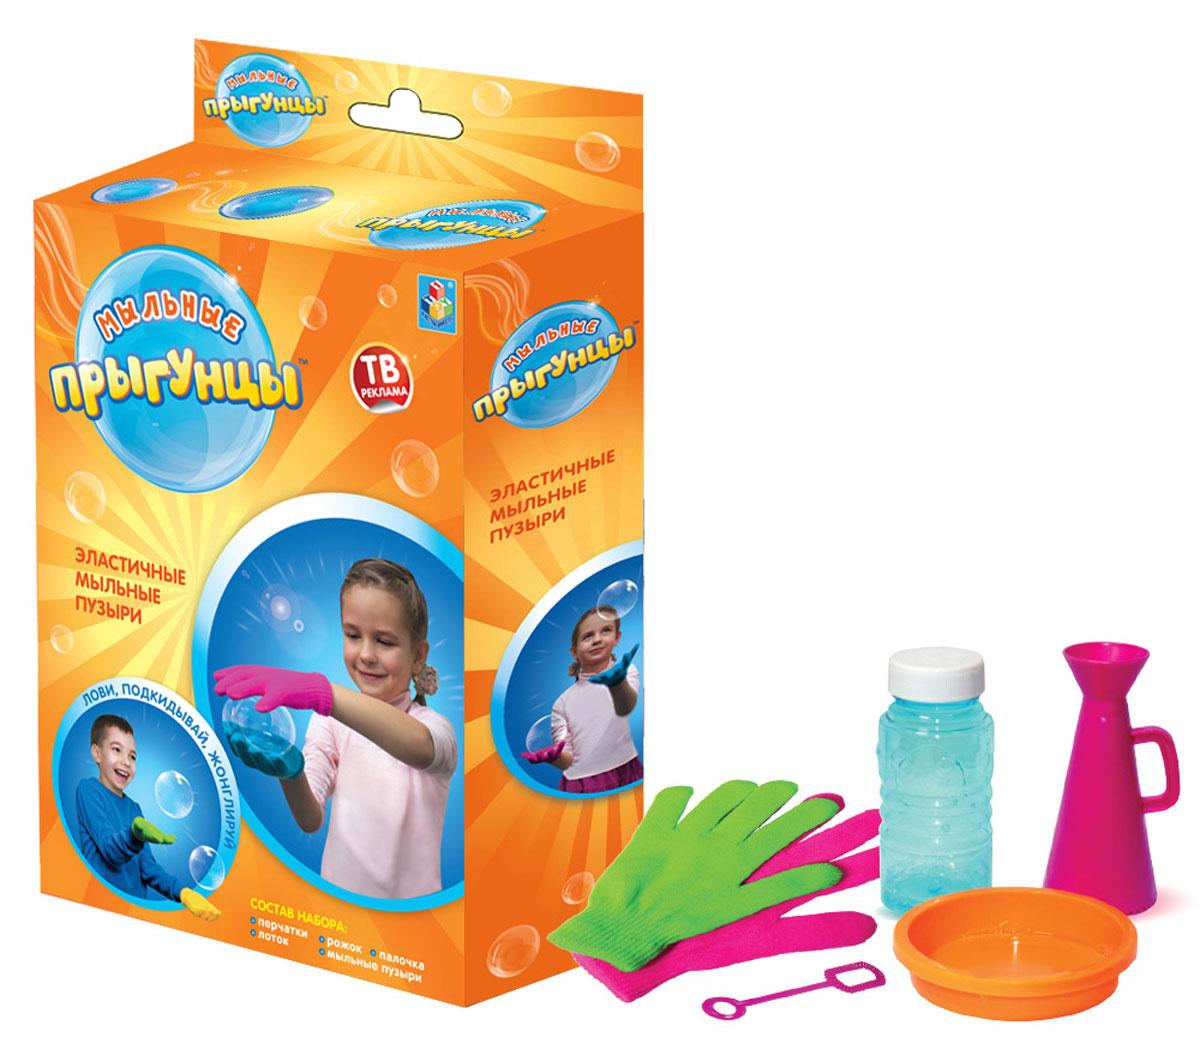 1TOY Мыльные пузыри Прыгунцы в коробке 80 млТ58674Мыльные Прыгунцы - эластичные пузыри, с которыми весело играть, ловить, подкидывать и жонглировать! Благодаря волшебной мыльной жидкости и перчаткам мыльные пузыри не лопаются в руке. Подкидывайте пузырь, жонглируйте, удивляйте друзей! Играть Мыльными Прыгунцами можно как дома, так и на улице в безветренную погоду!